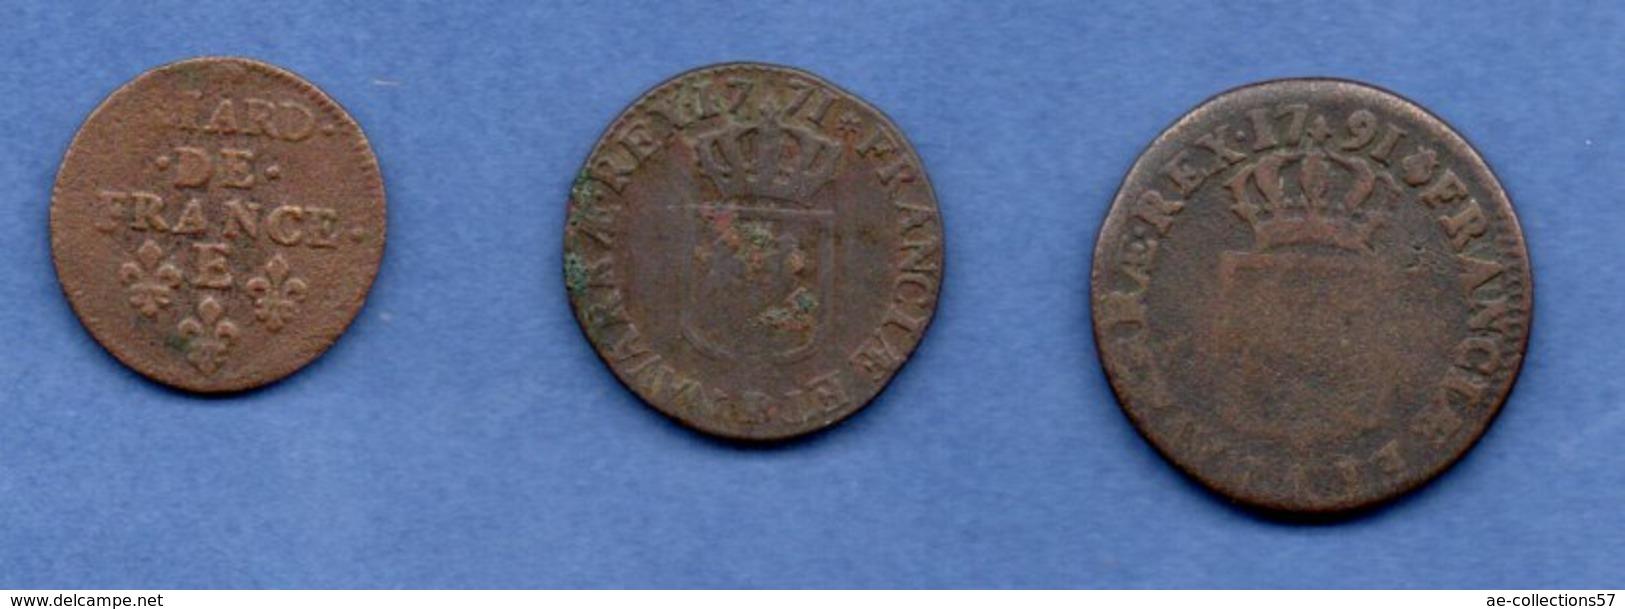 Royales  -  Lot De 3 Monnaies - 987-1789 Monnaies Royales